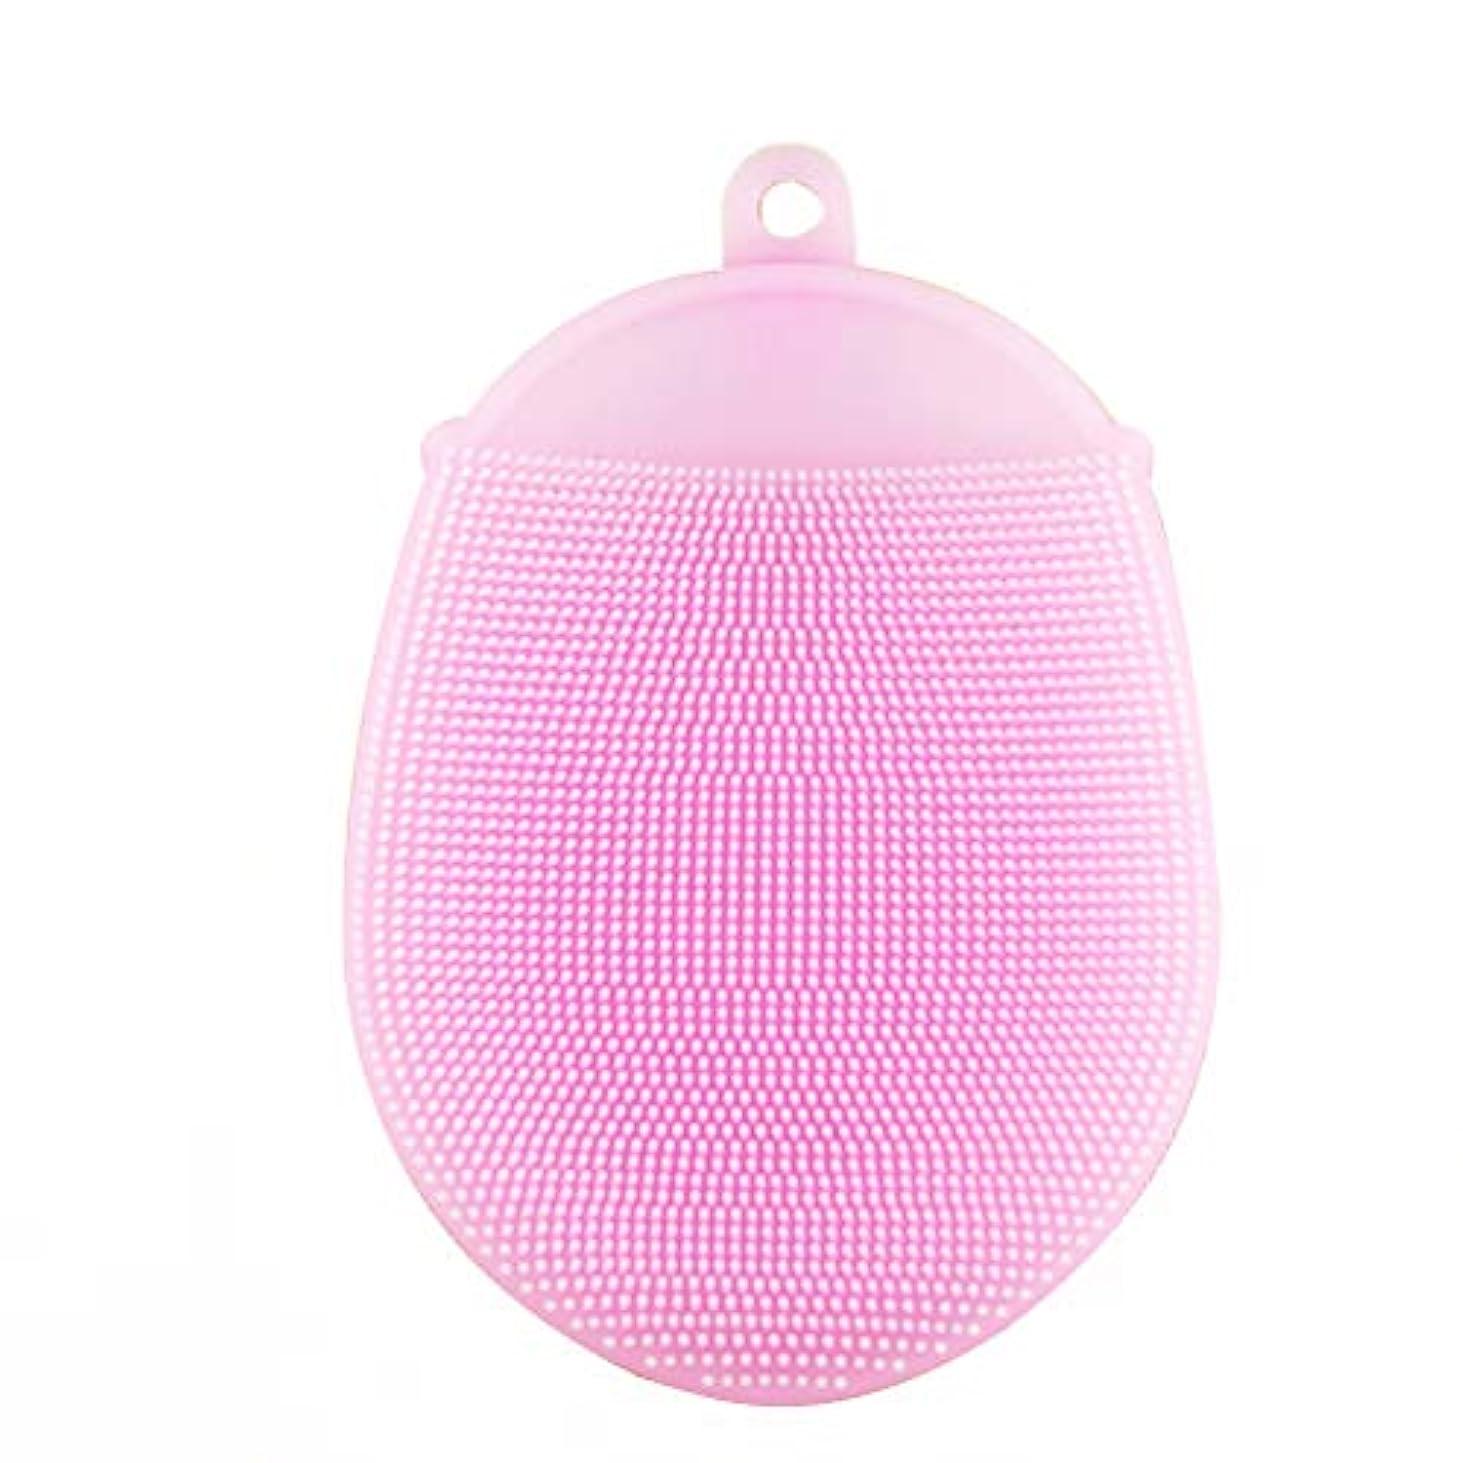 遊び場鯨中庭Healifty シリコン 入浴ブラシ 抗菌 シャワースクラバー 洗顔パッド 2本入 (ピンク)